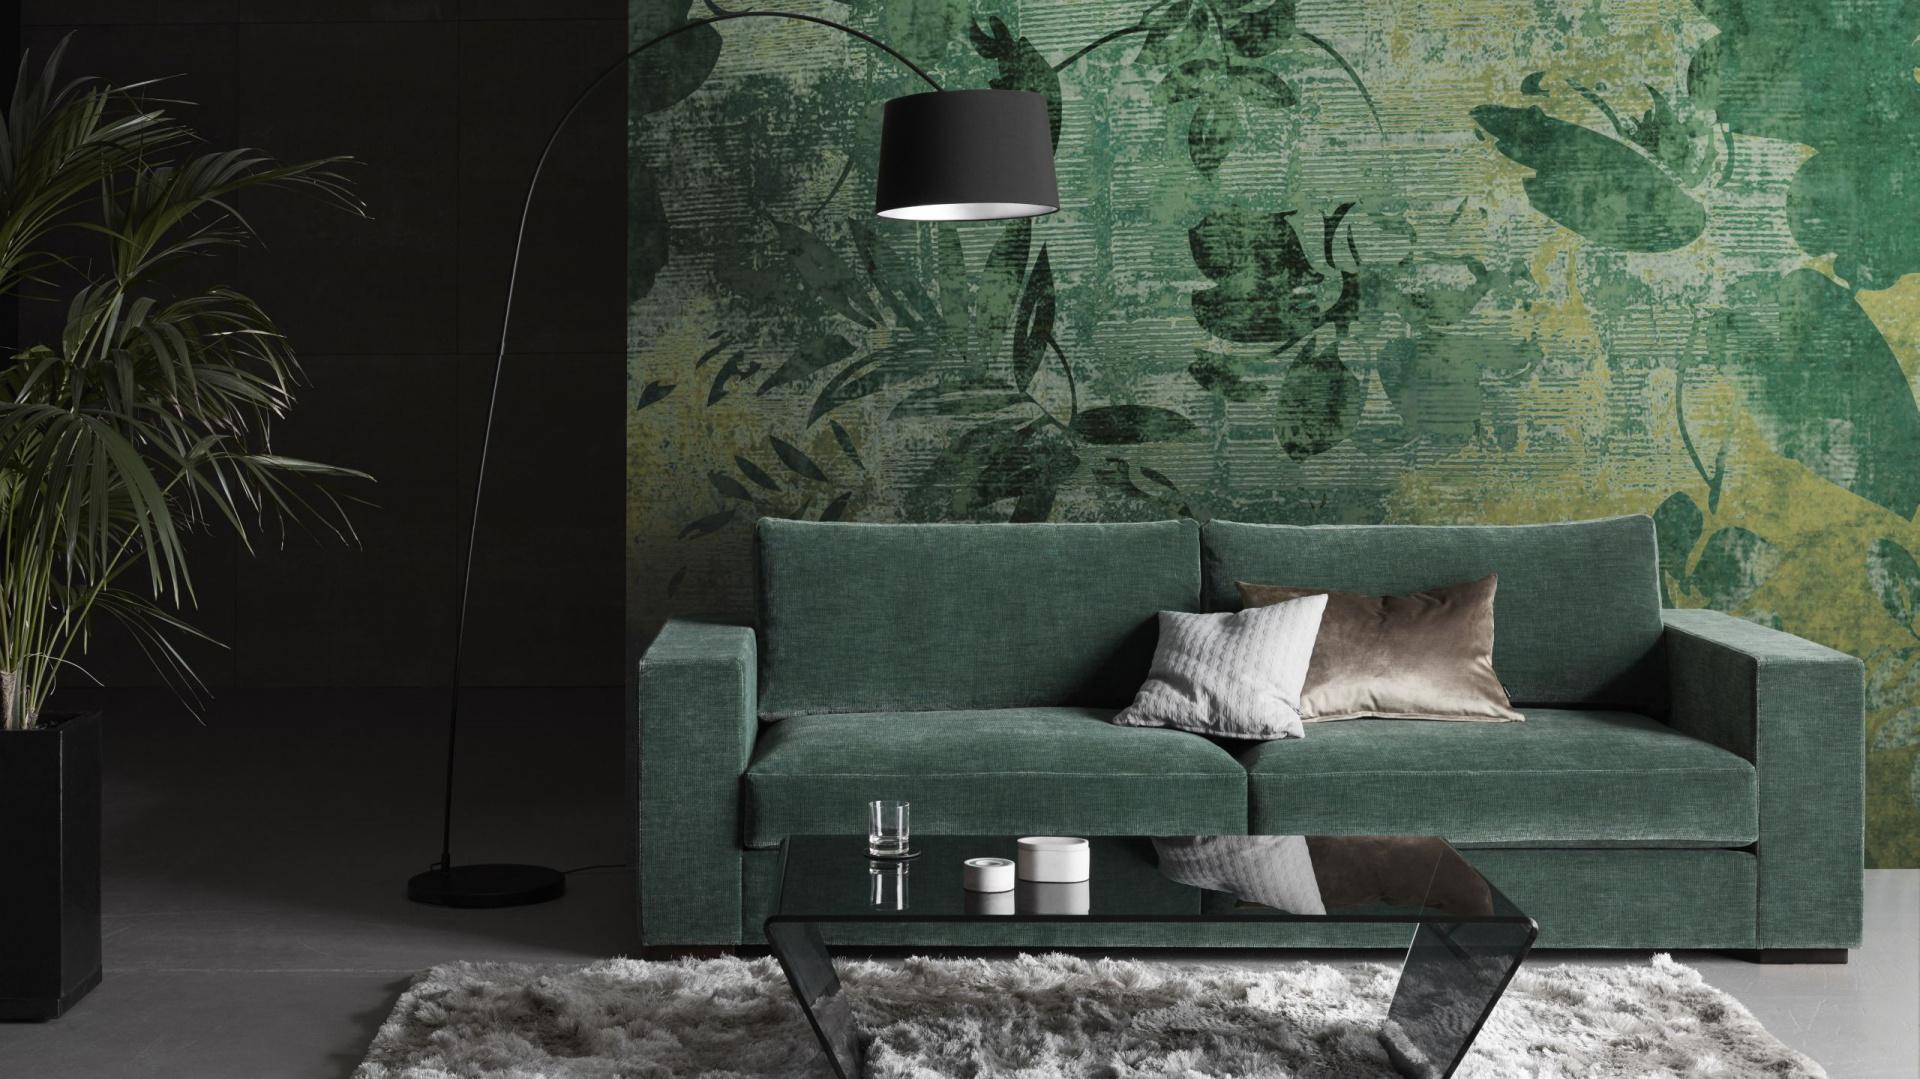 Sofa CENOVA w modnym kolorze leśnej zieleni, która odświeży wygląd salonu. Fot. BoConcept